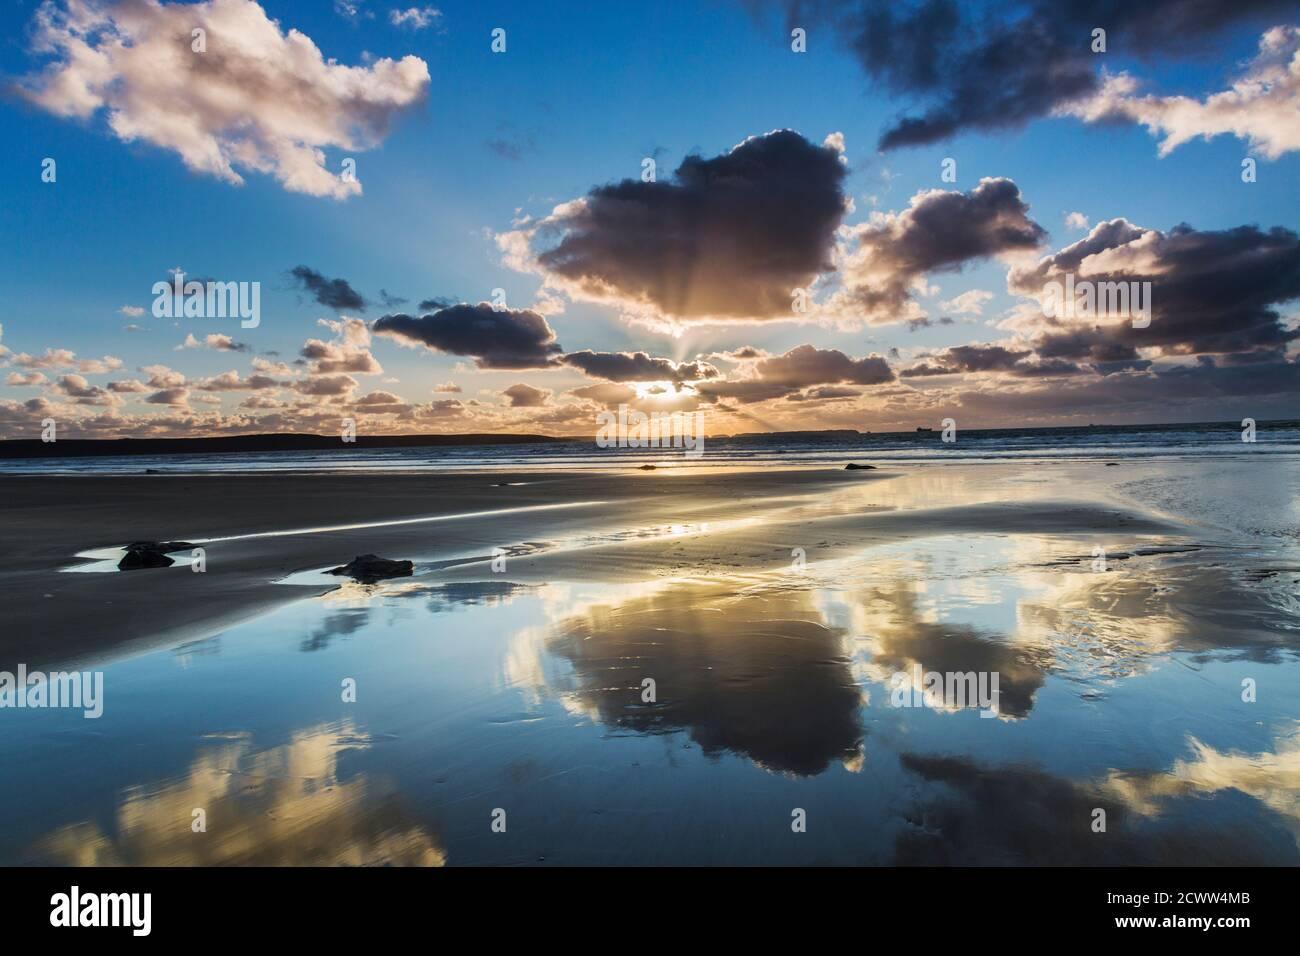 Il cielo al tramonto si riflette nelle sabbie bagnate del spiaggia sotto Foto Stock